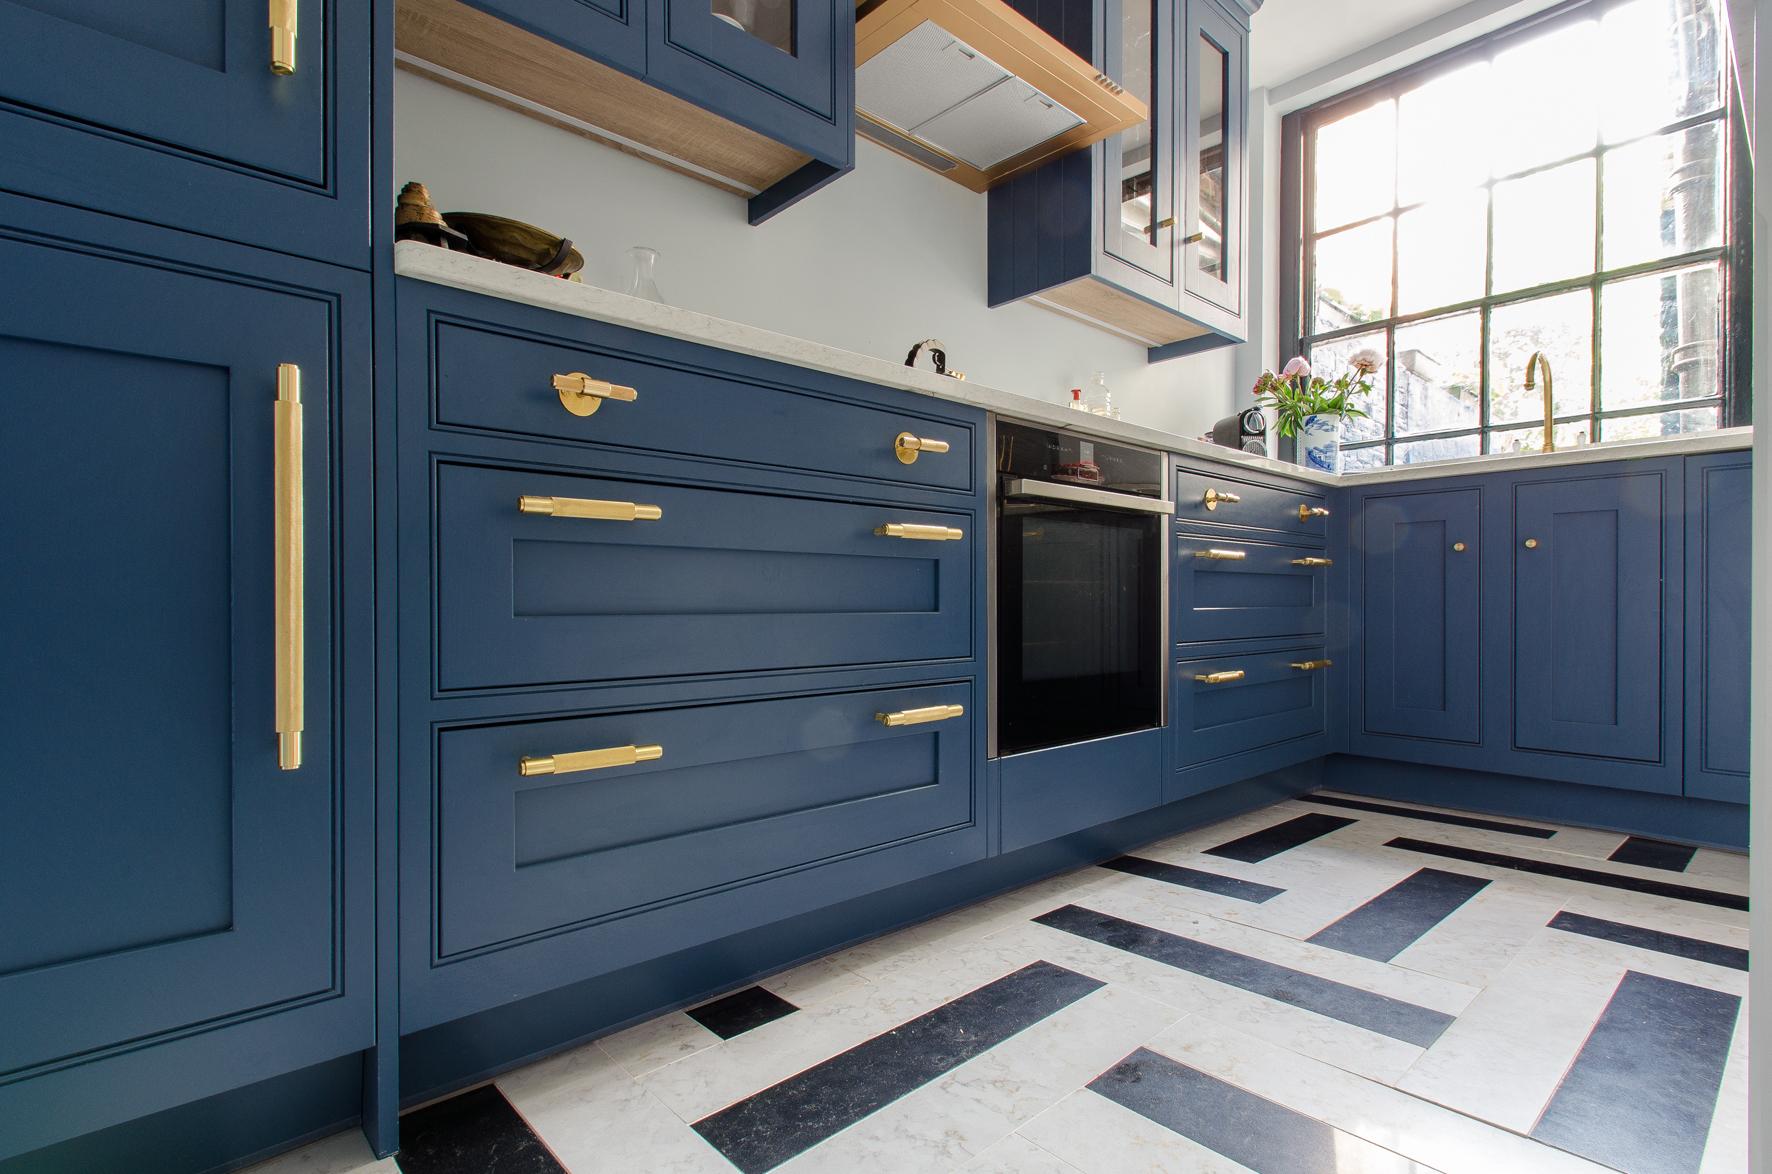 Canterbury town house kitchen